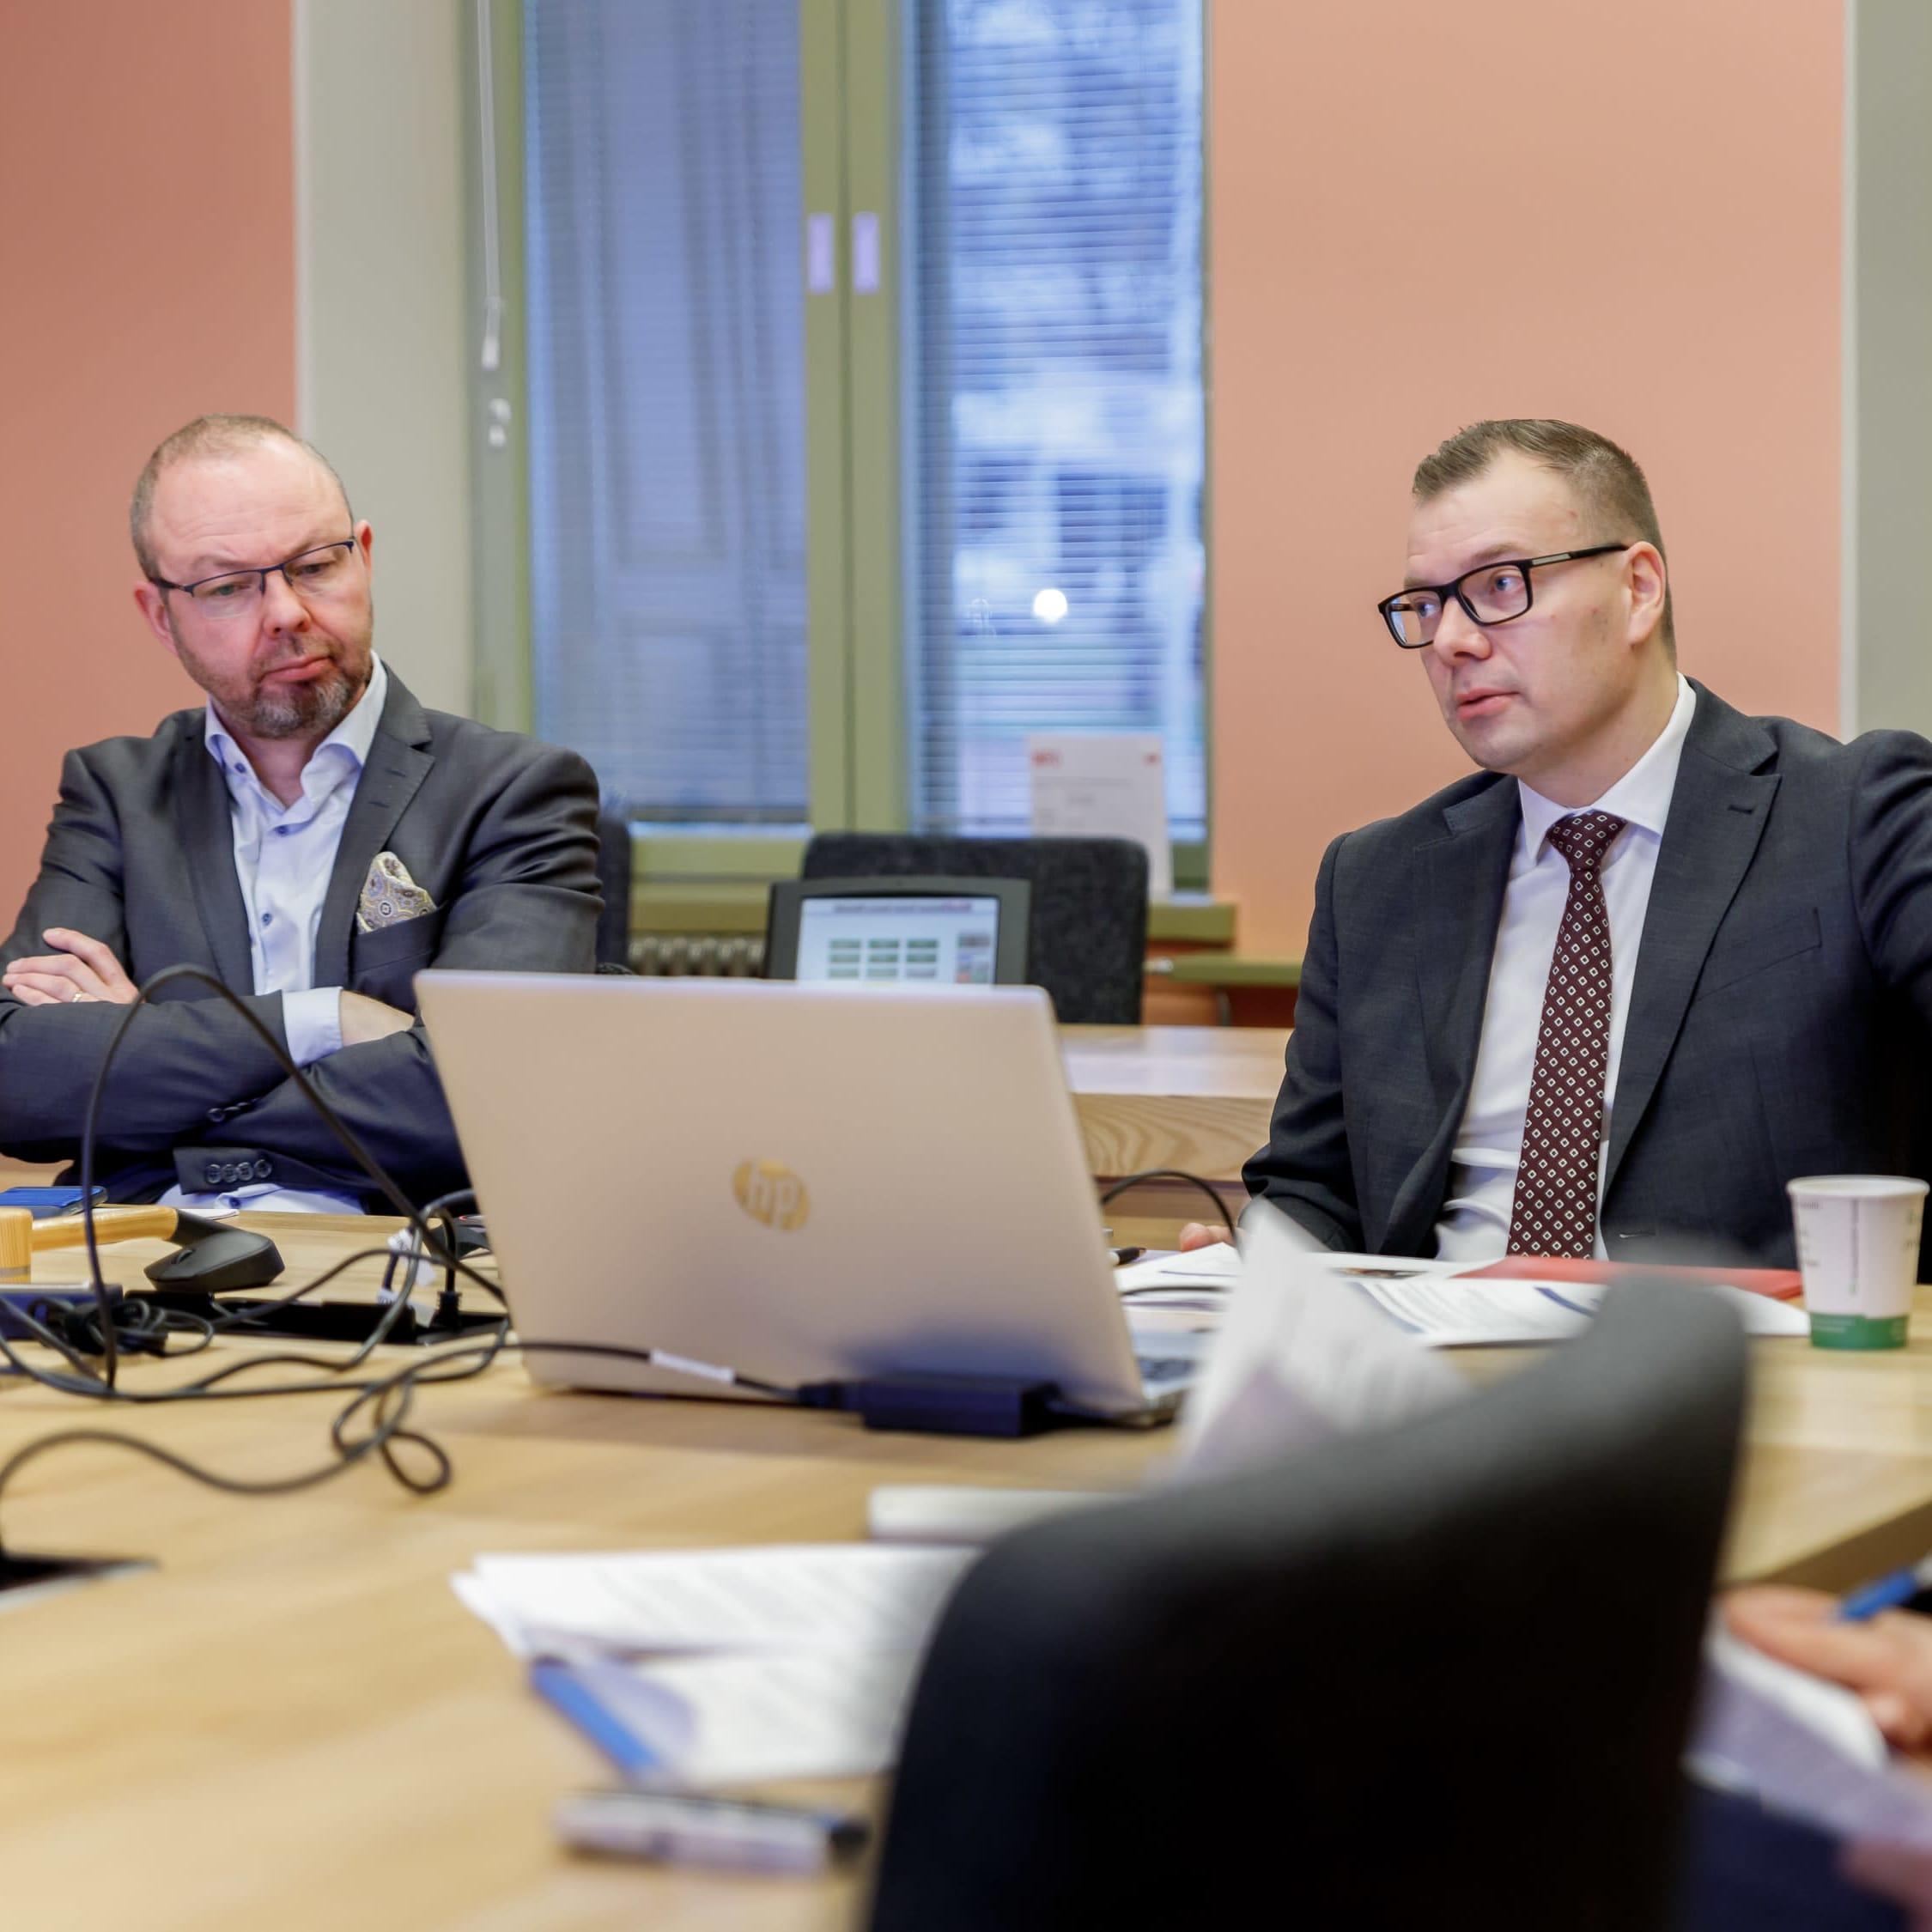 Timo Koivisto ja Lasse Leppä istuu pöydän ääressä.